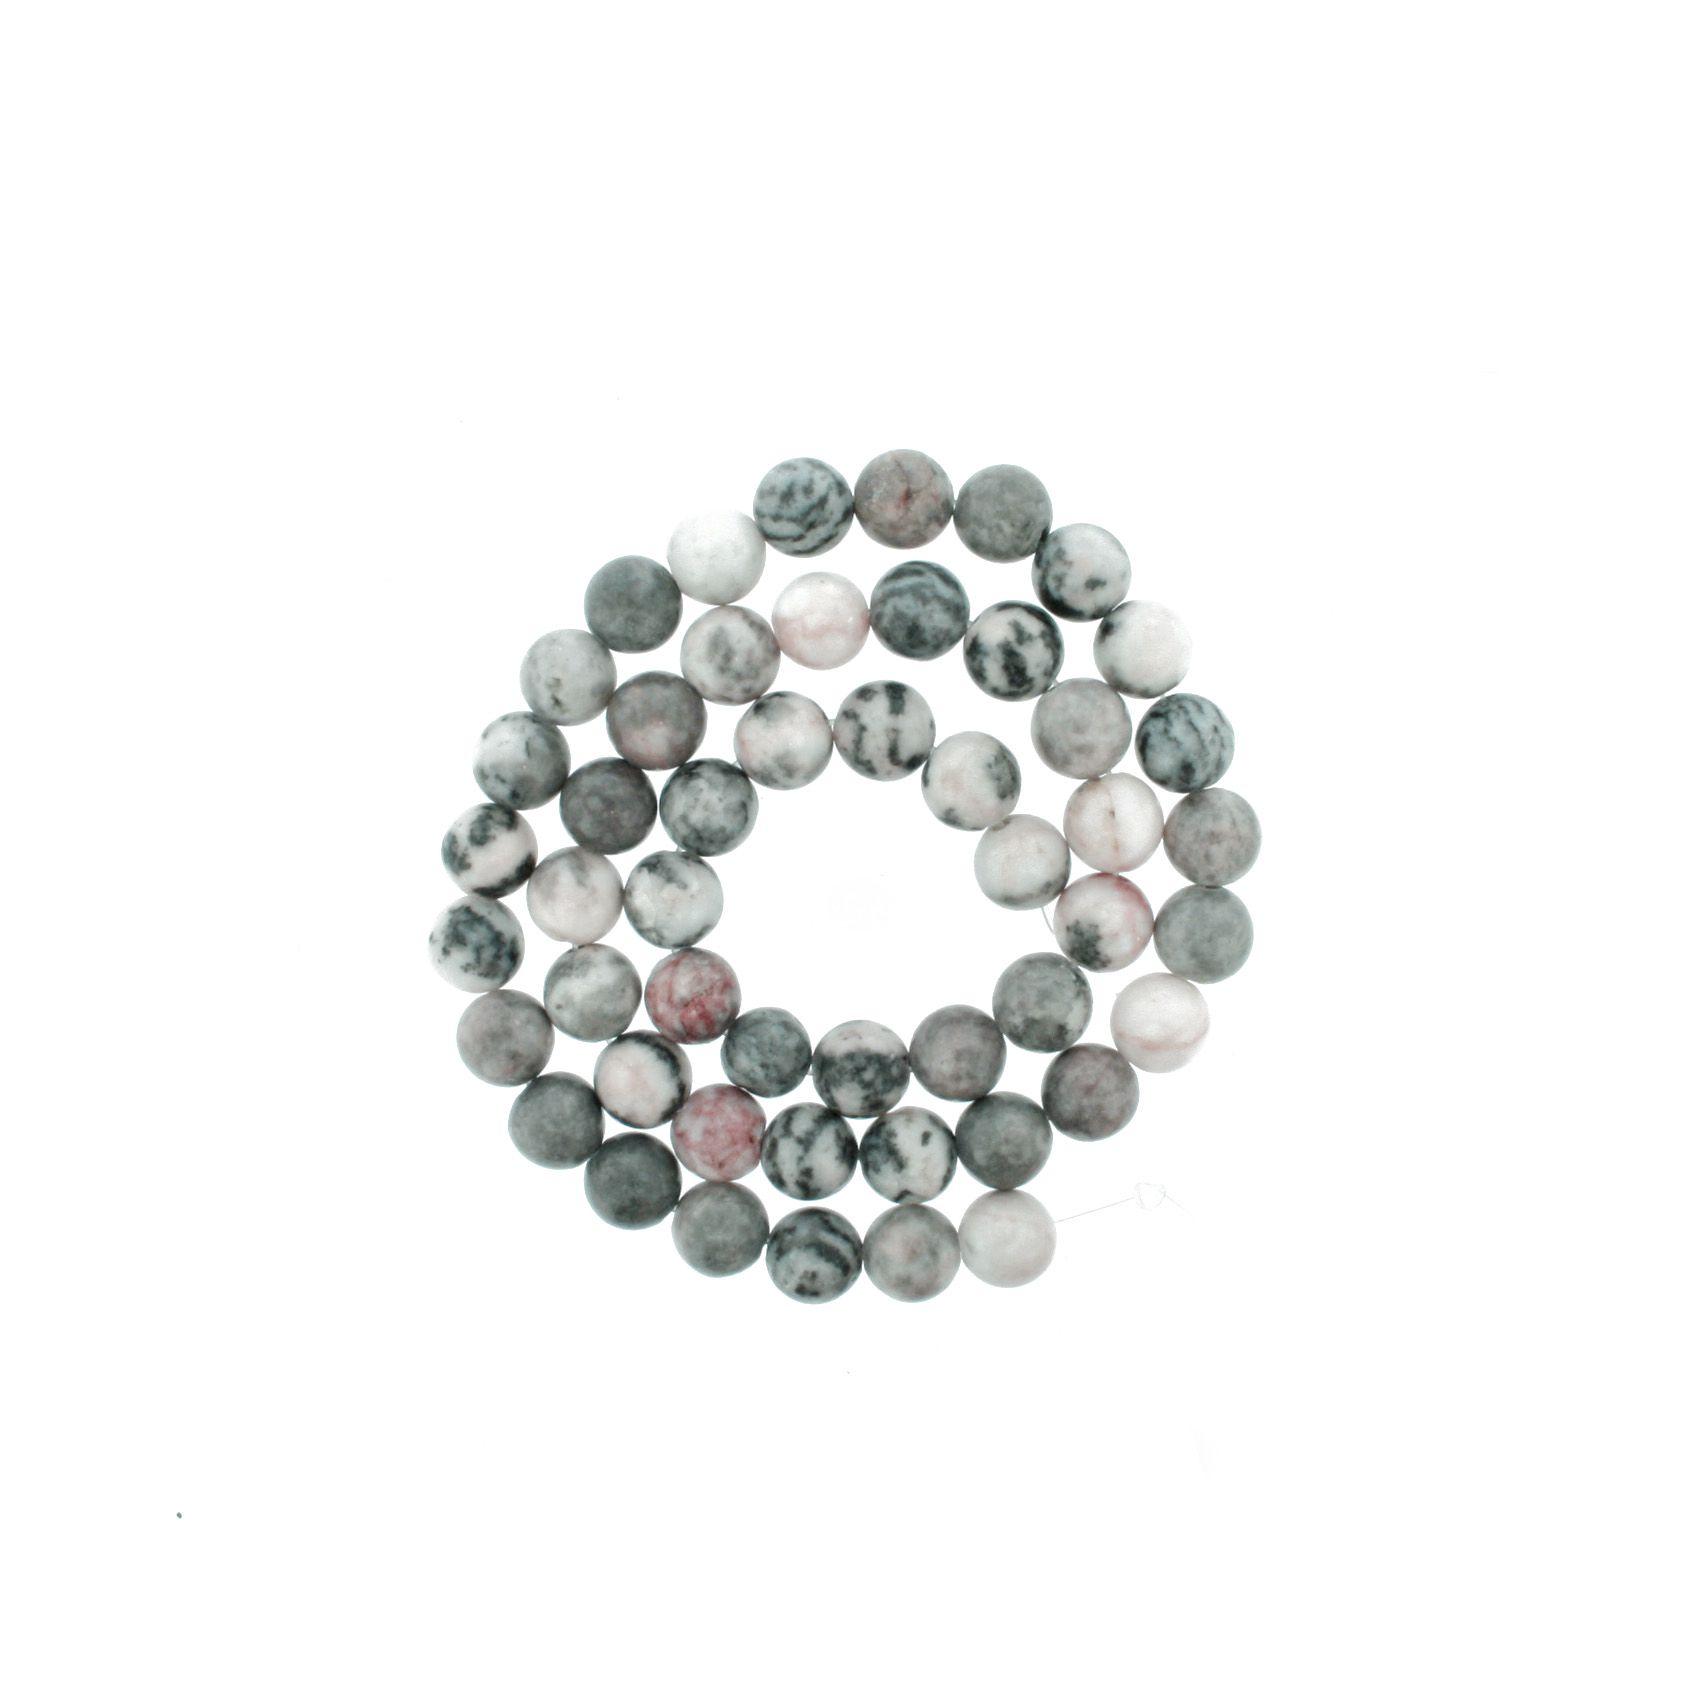 Fio de Pedra - Jaspe Cinza Mesclado - 8mm  - Stéphanie Bijoux® - Peças para Bijuterias e Artesanato